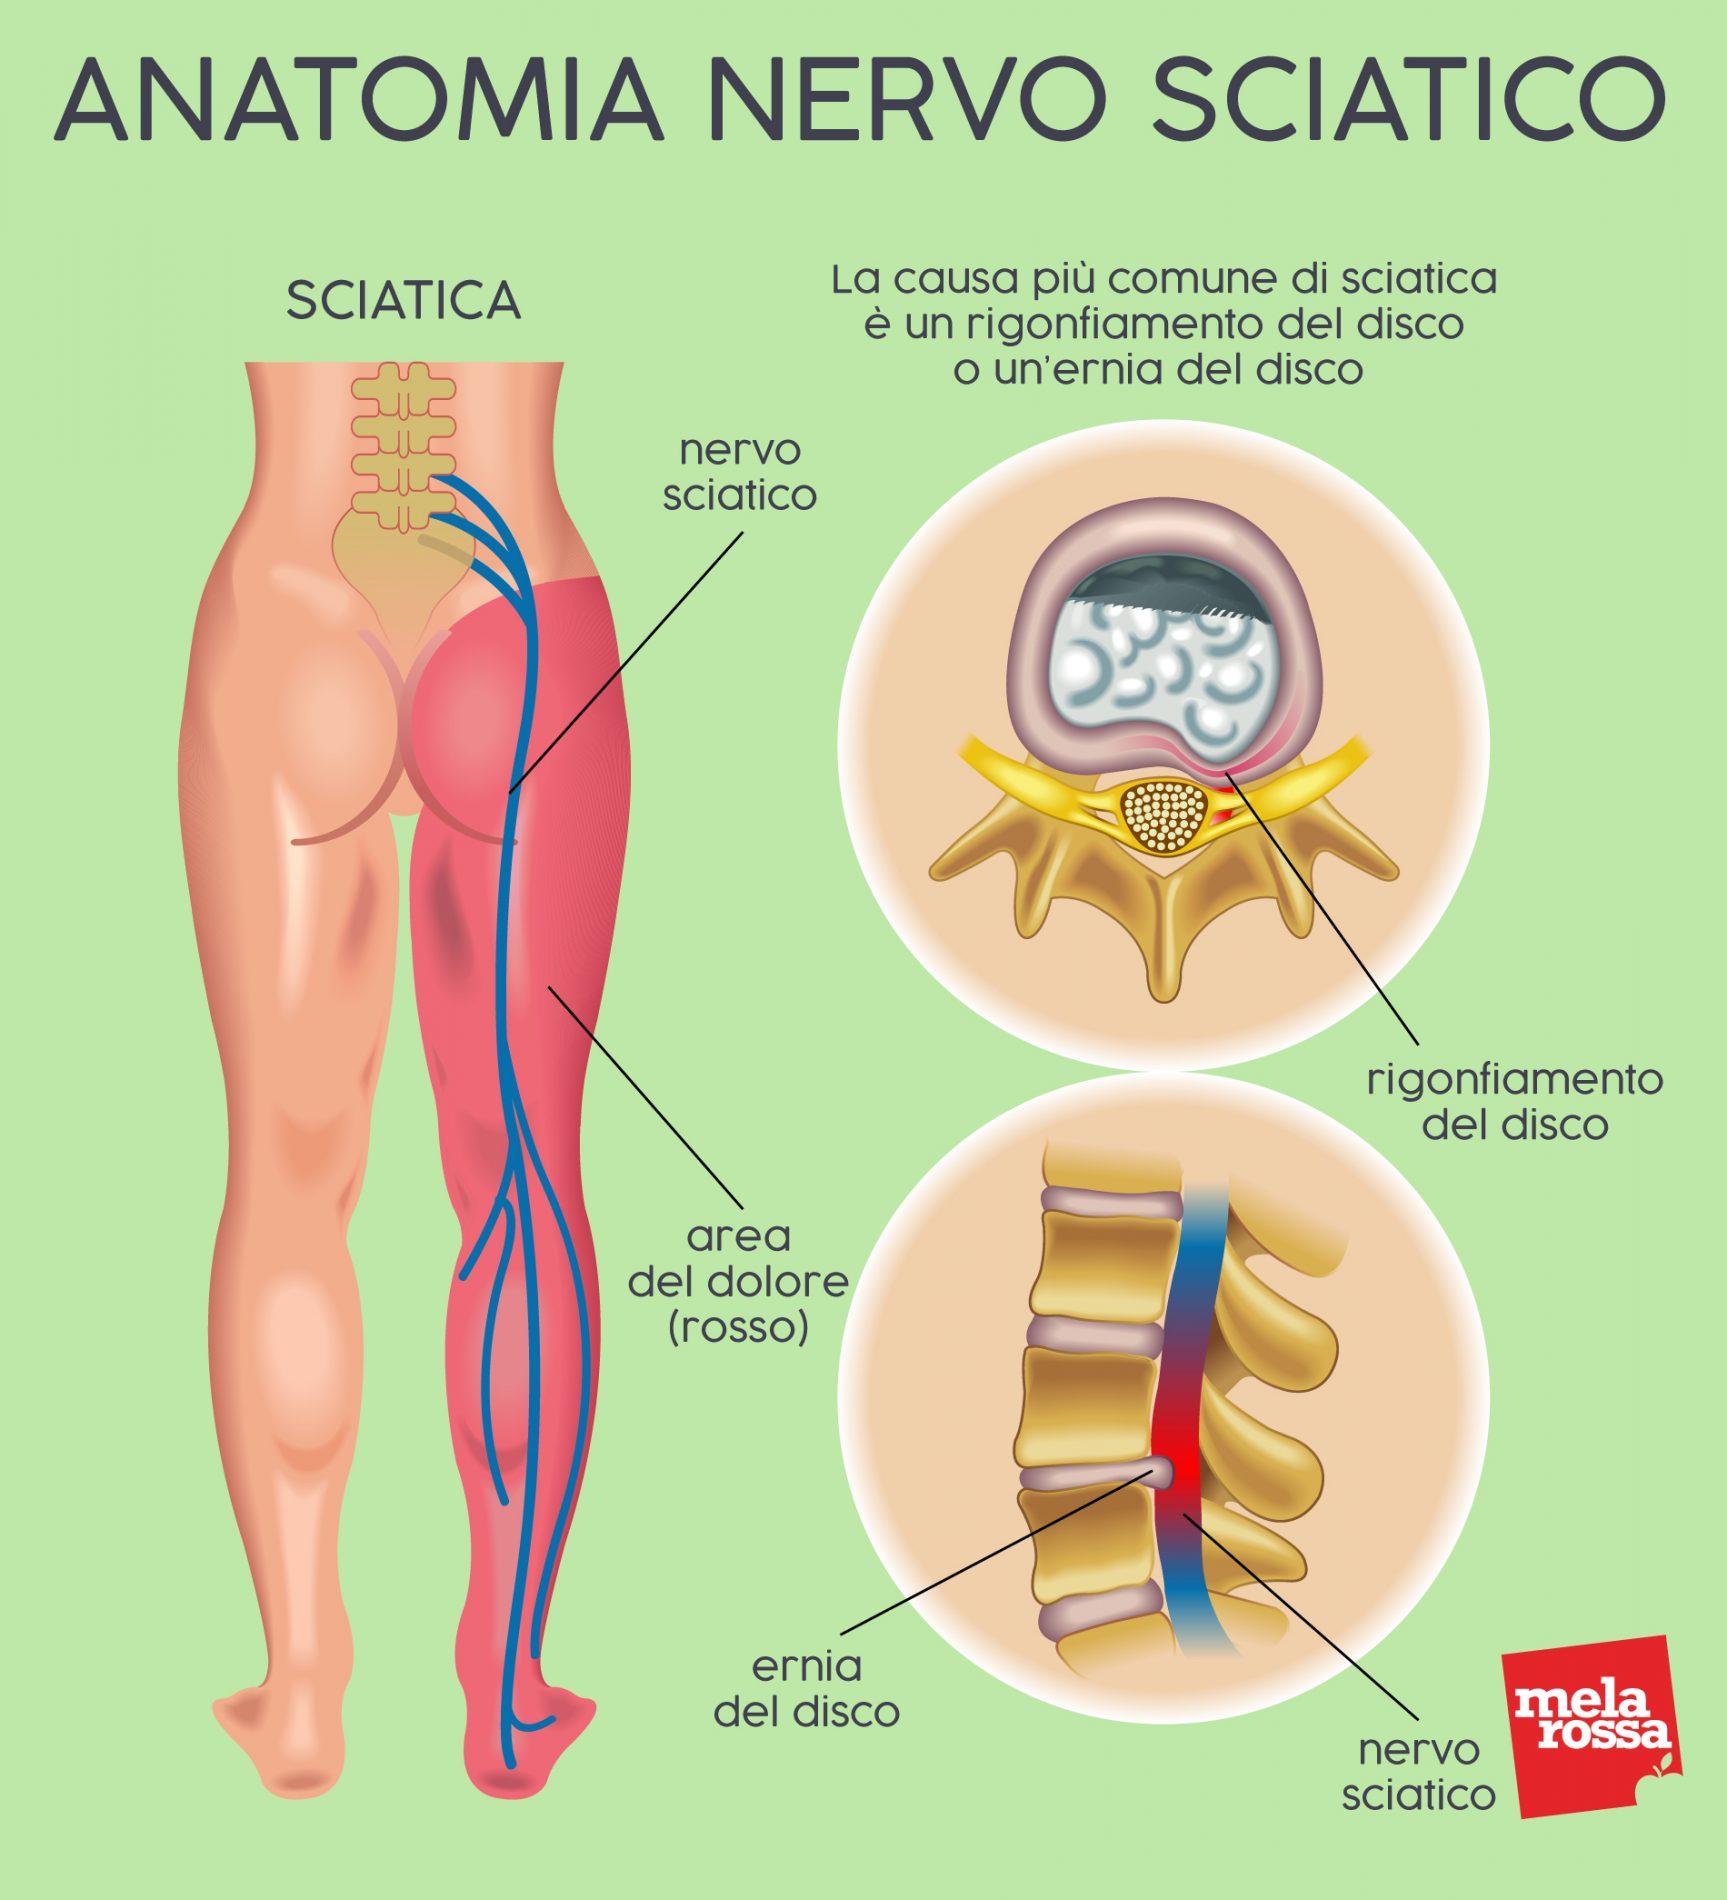 lombosciatalgia: anatomia del nervo sciatico